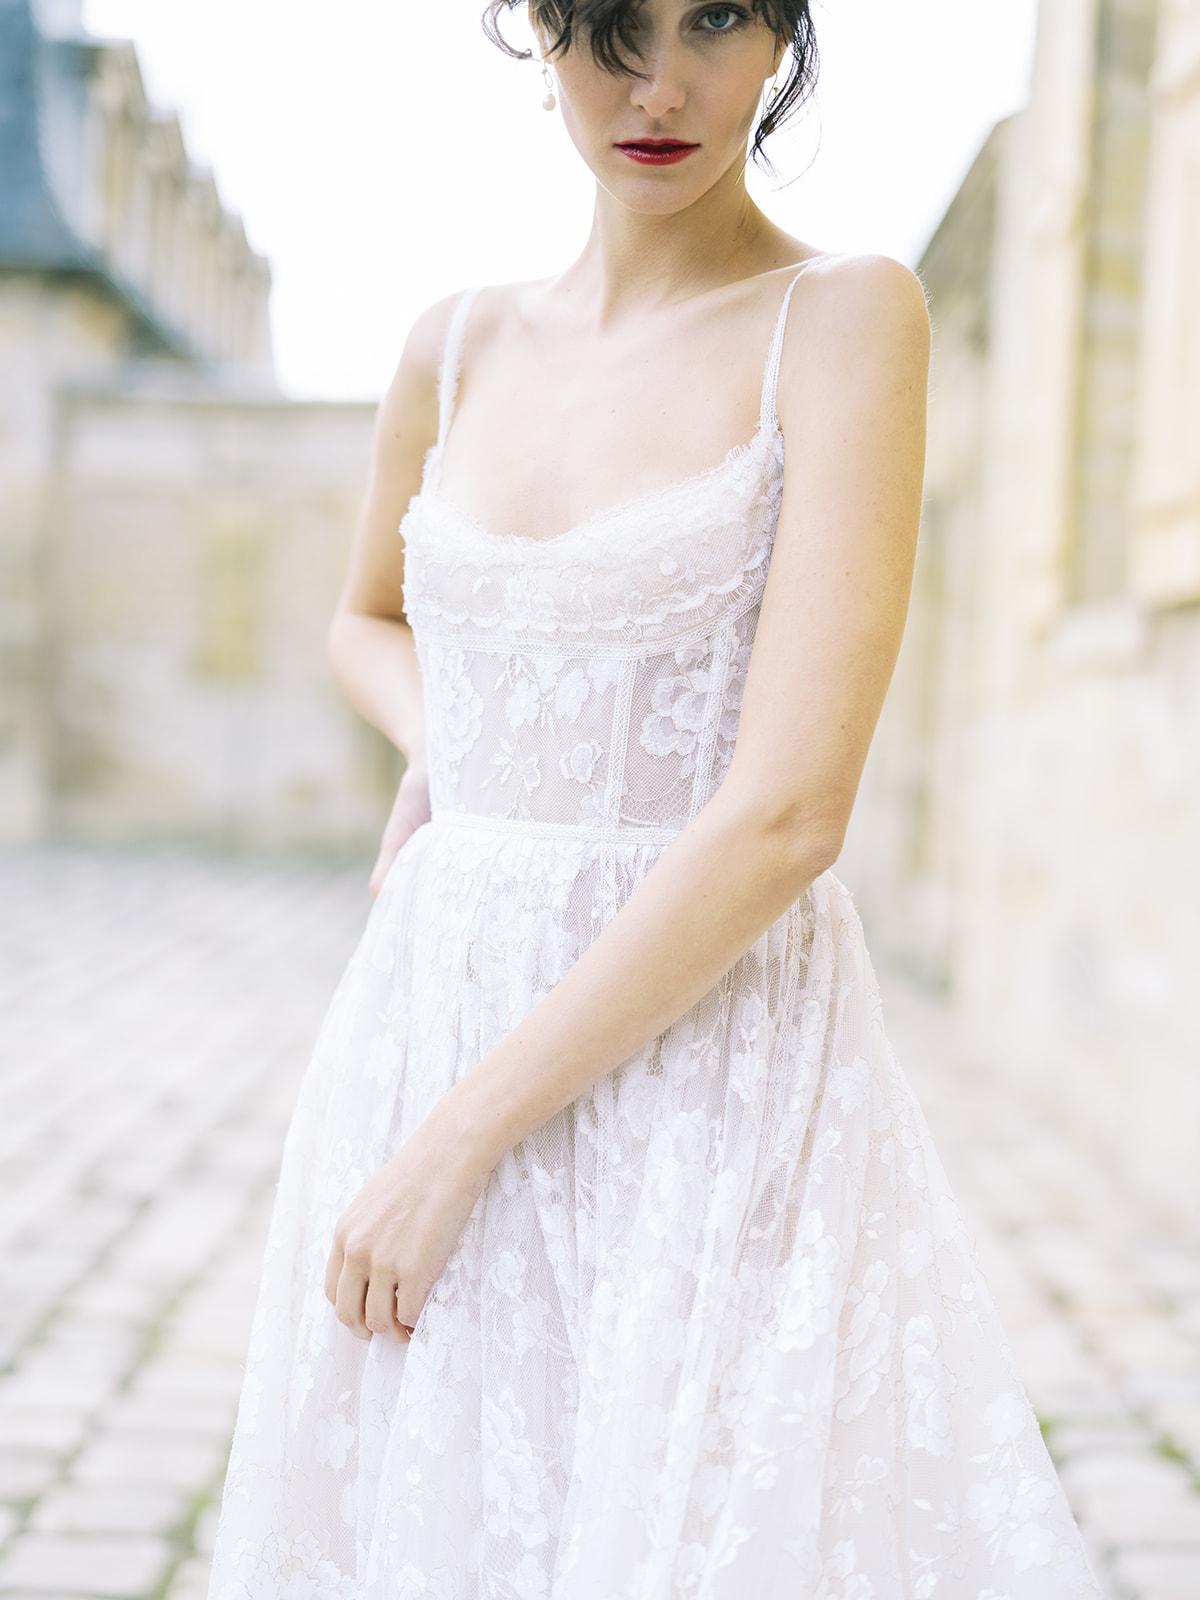 Εντυπωσιακή inspirational shoot στο Chateau de Villette με νυφικά Vasia Tzotzopoulou